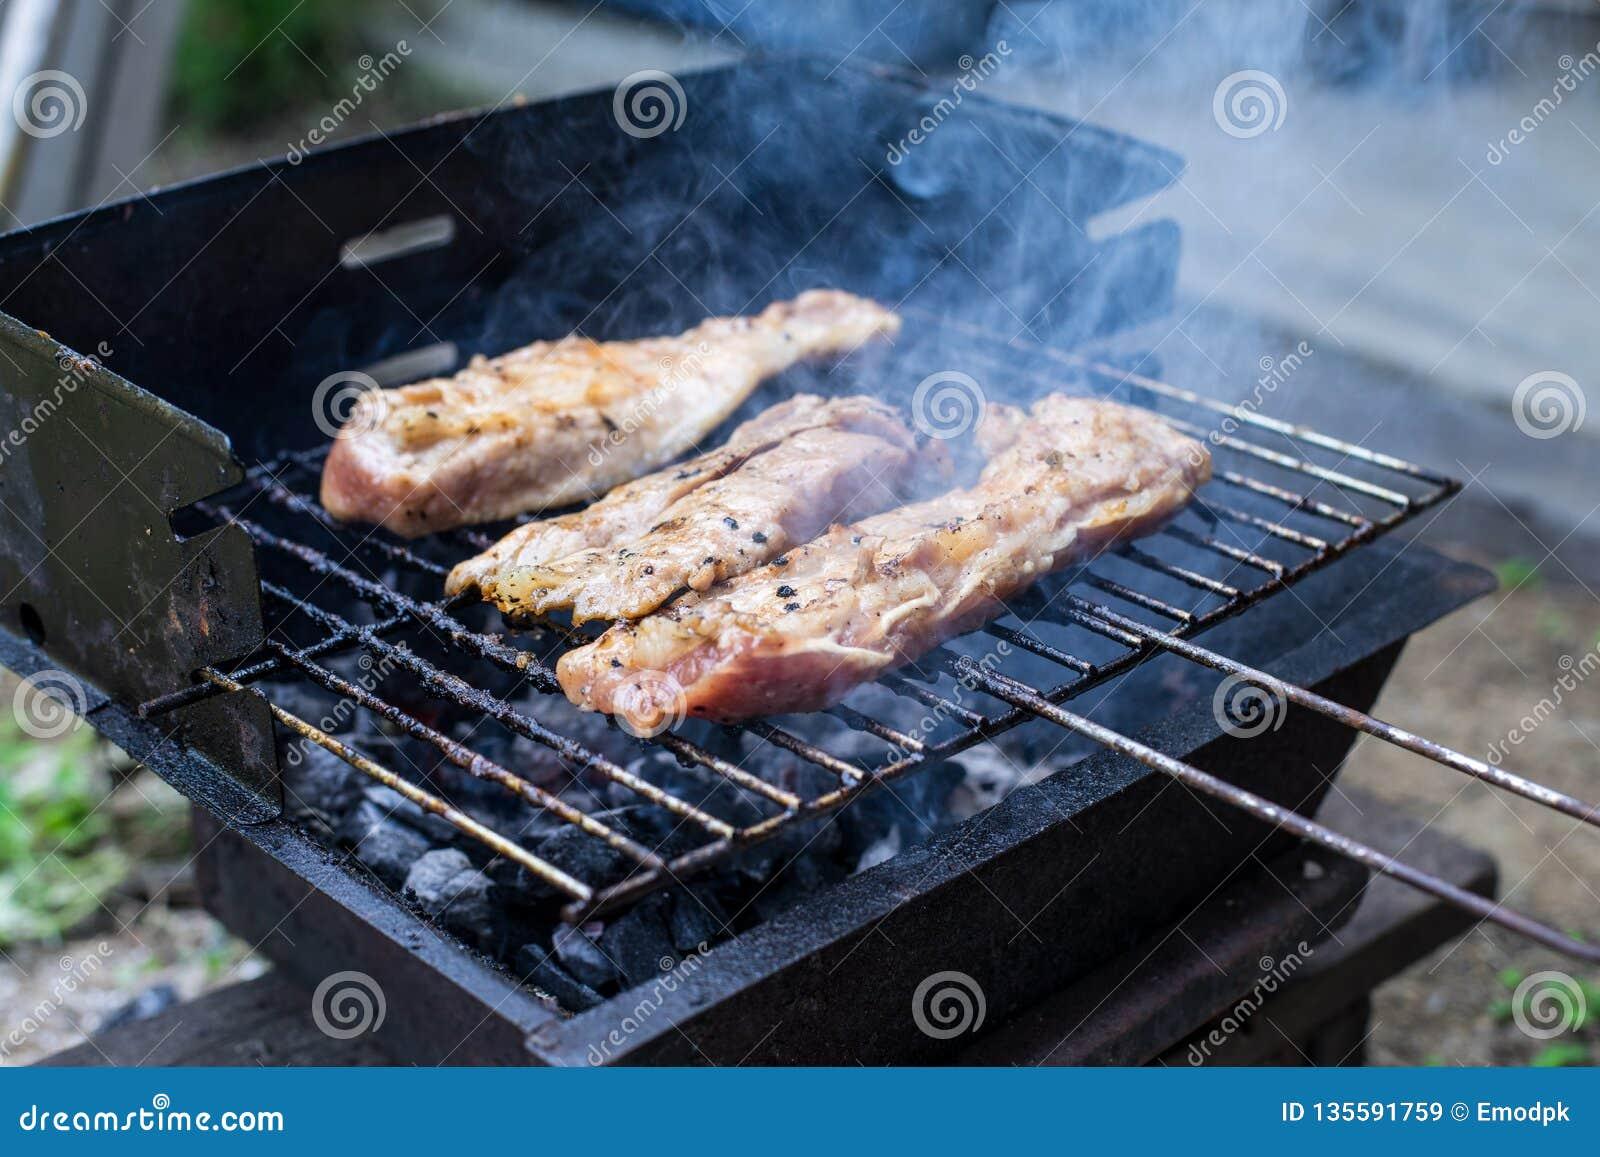 Porc de barbecue et gril chickent dans le jardin faisant cuire pour délicieux